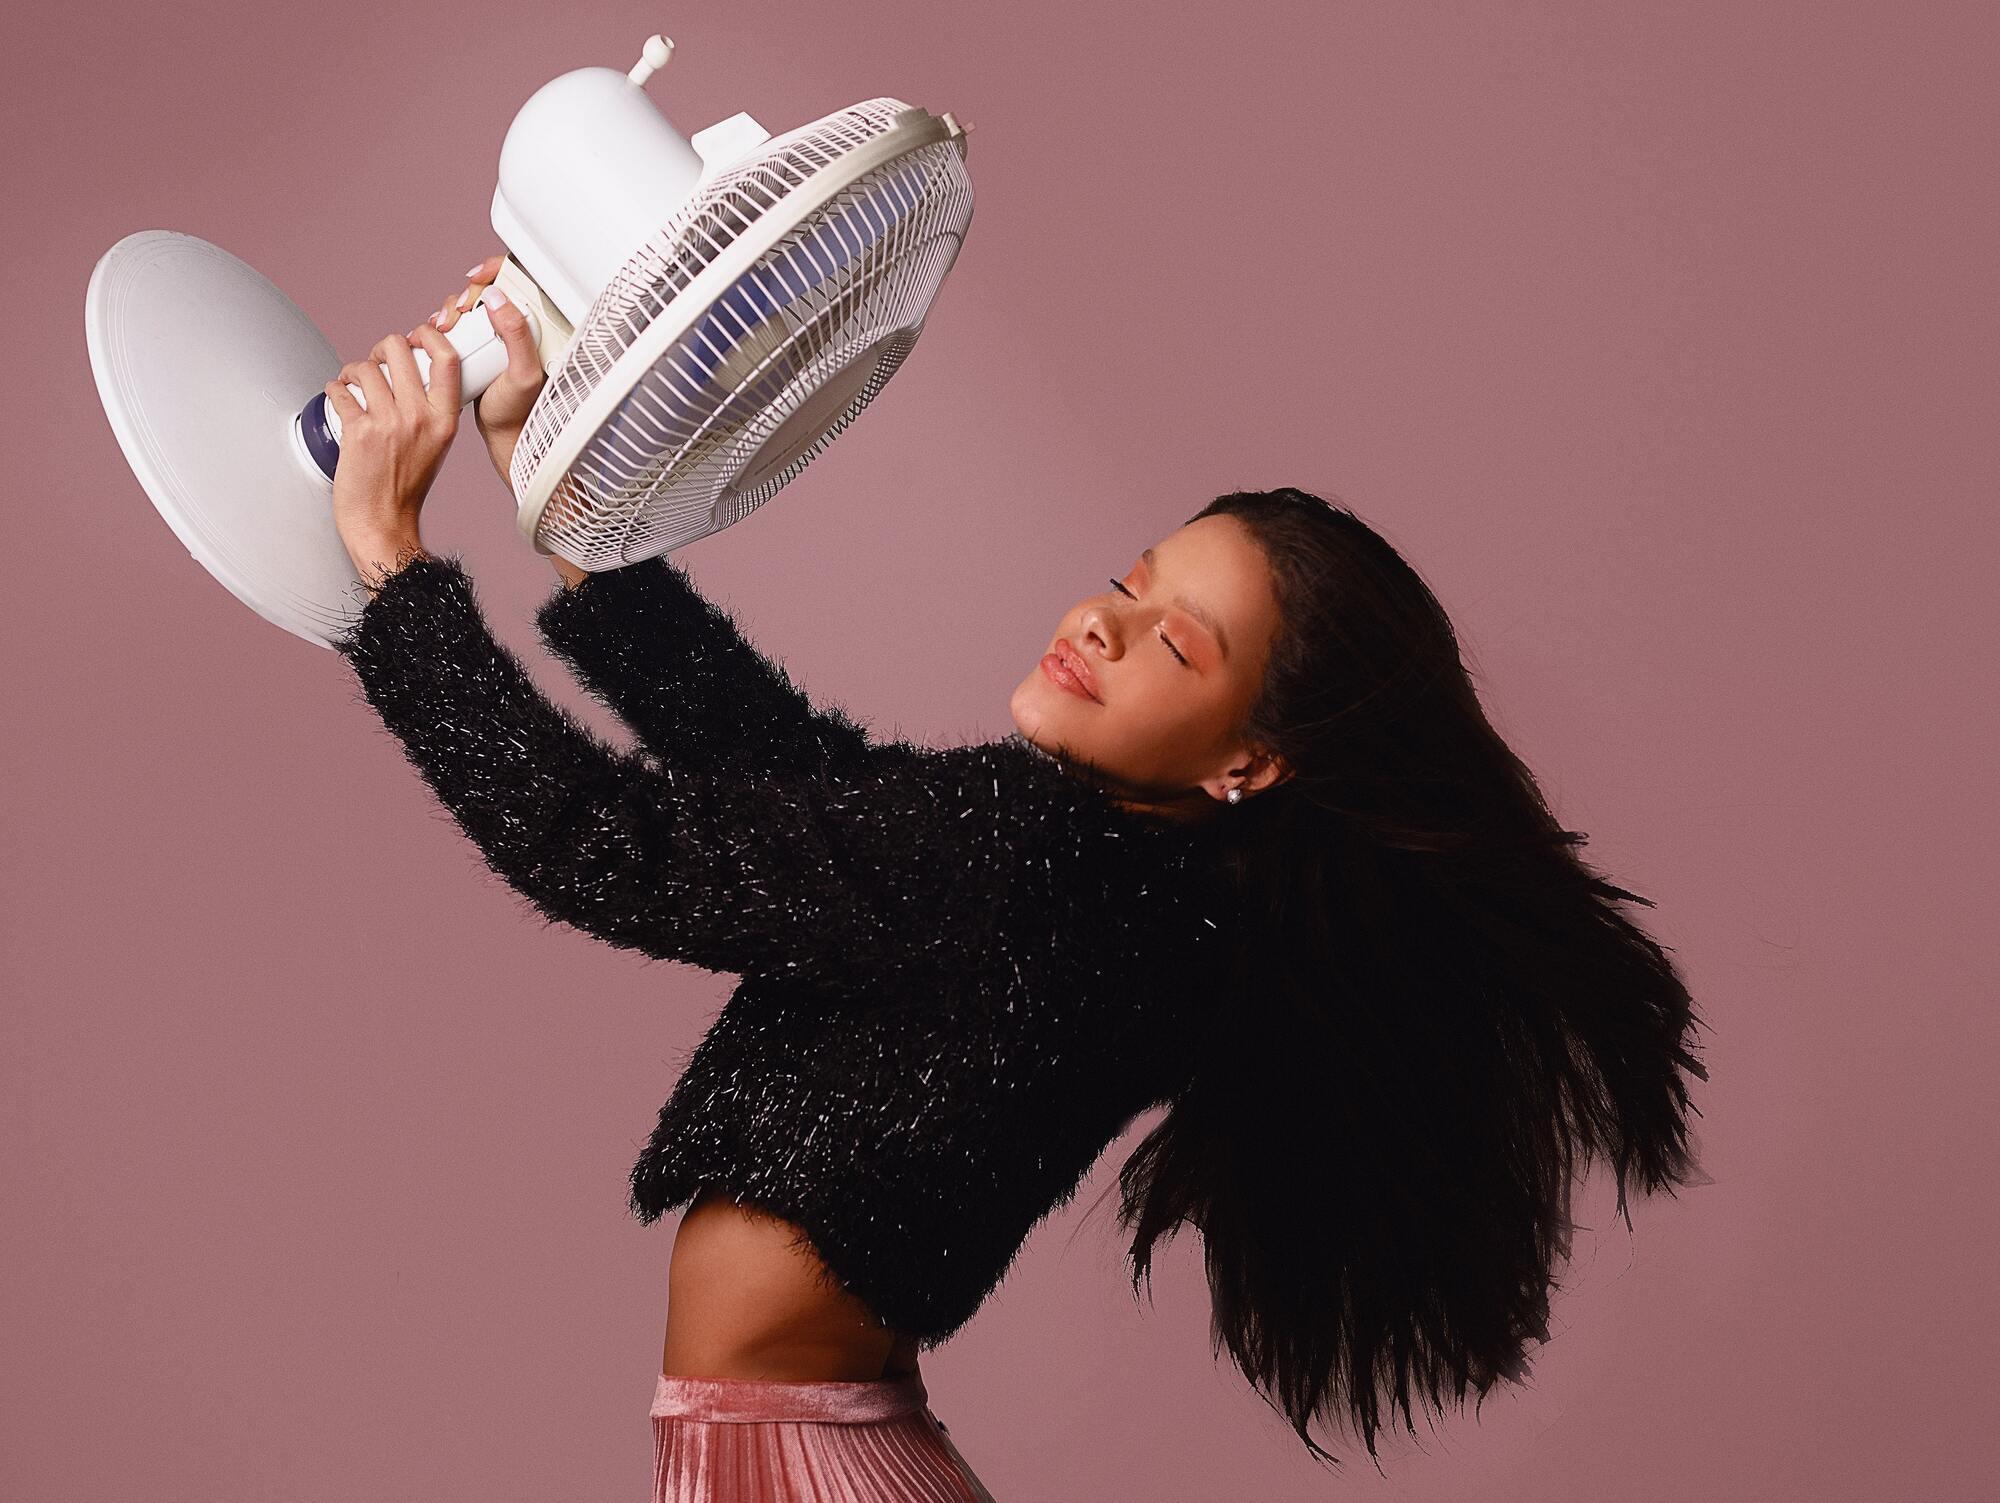 Якщо немає можливості виділити гроші на кондиціонер, варто використовувати лайфхаками з вентилятором